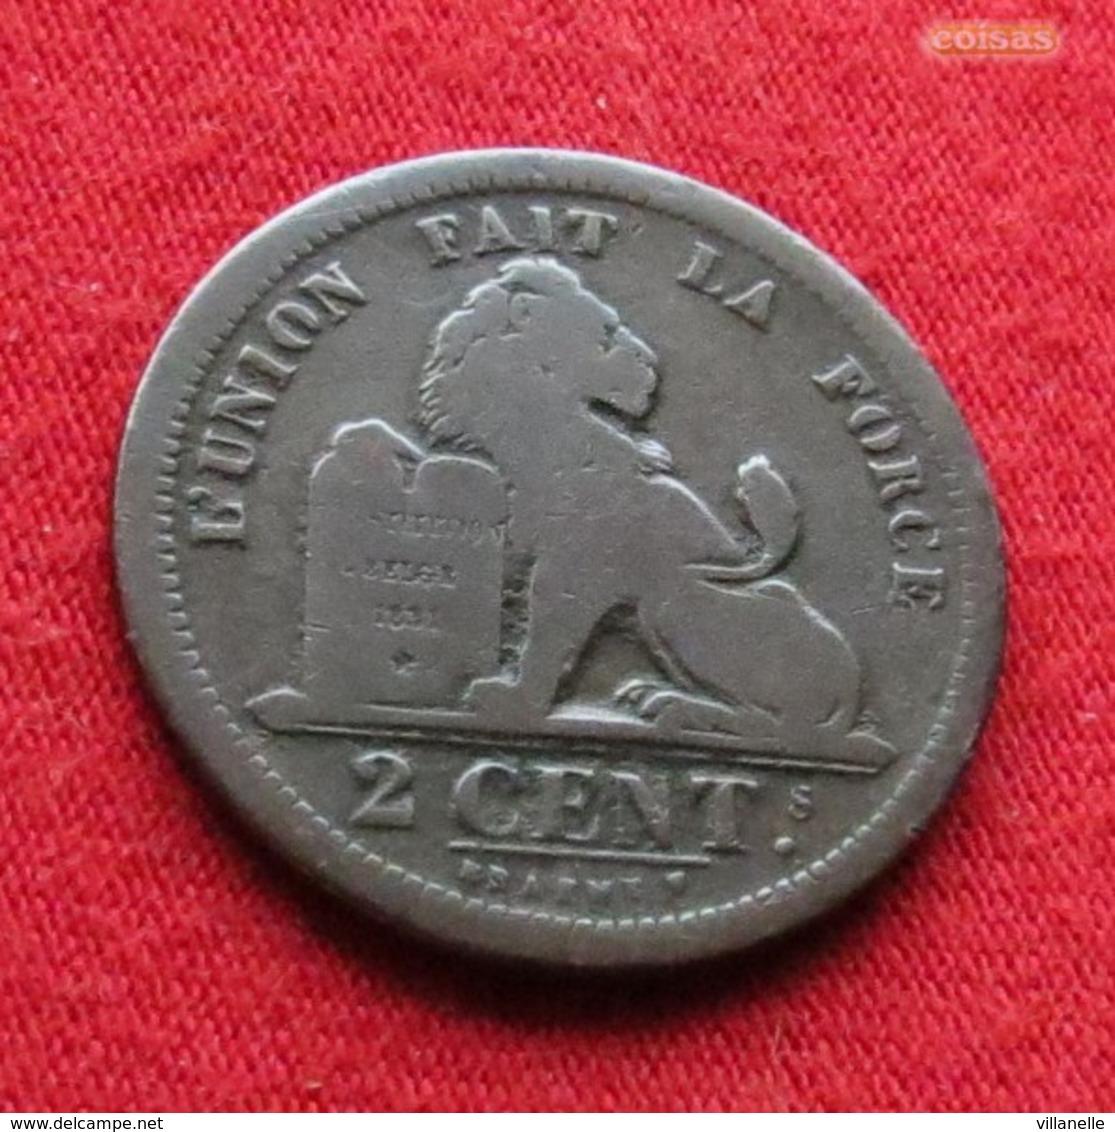 Belgium 2 Centimes 1835 Des Belges  Belgie Belgica Belges Belgique - Belgique